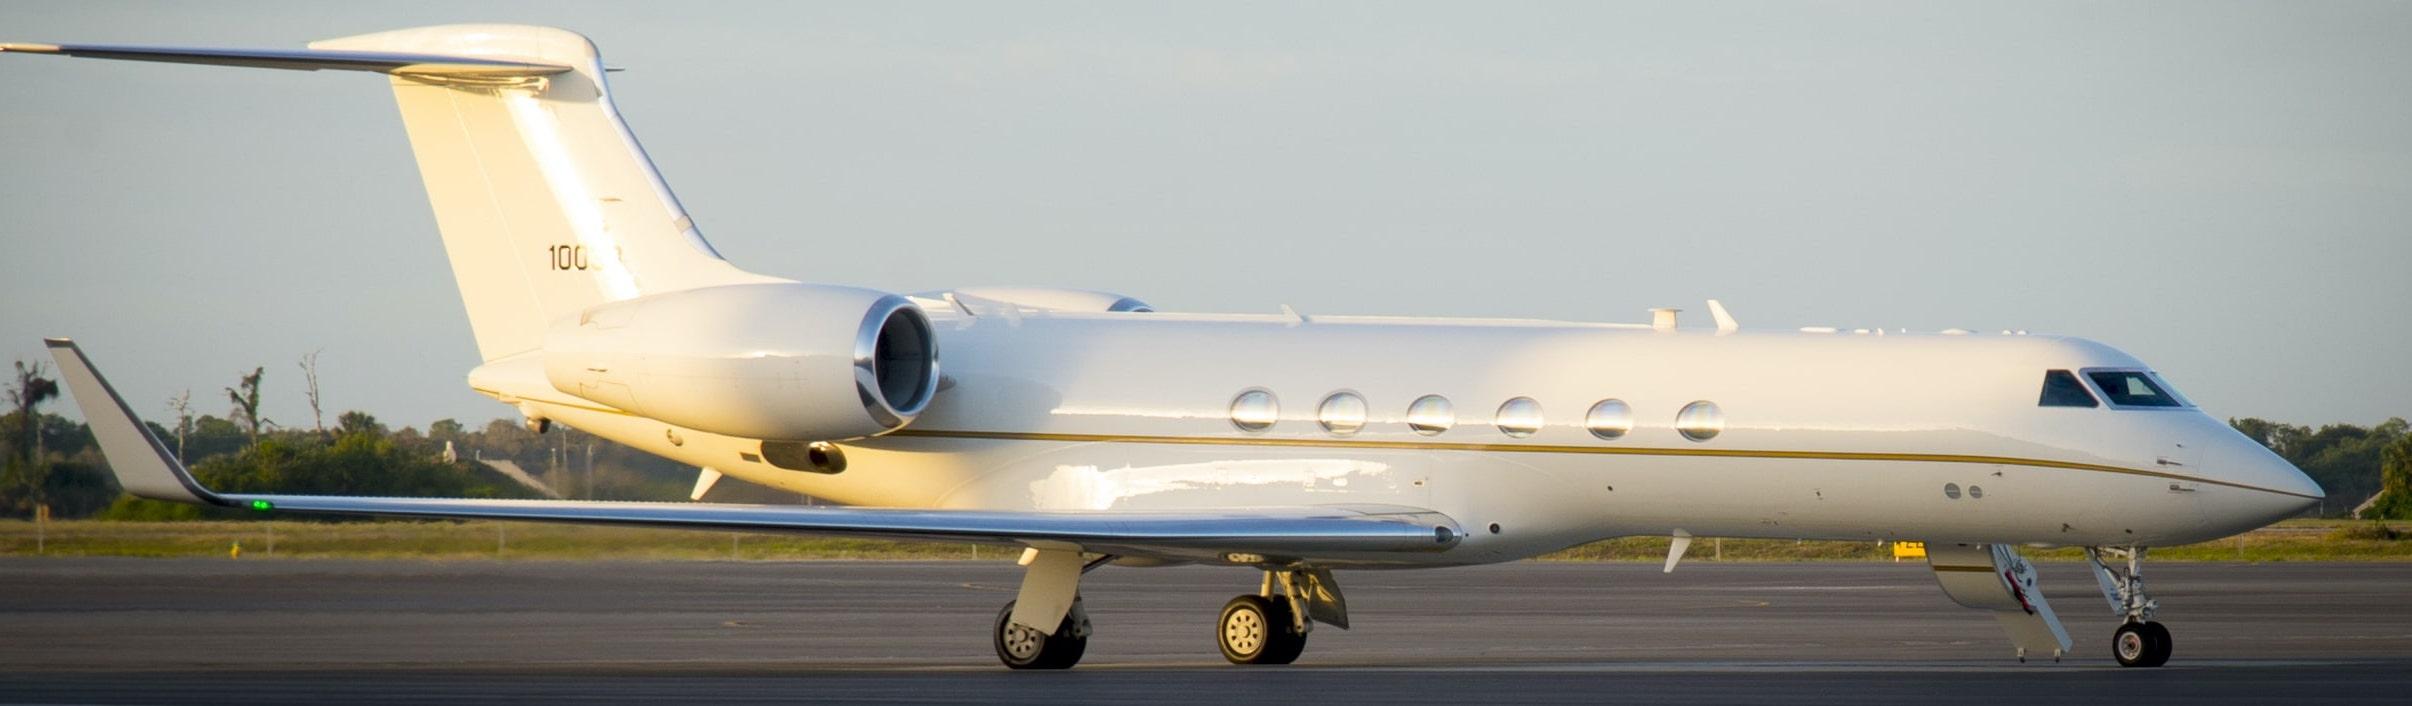 Location d'un jet privé avec Menkor Aviation